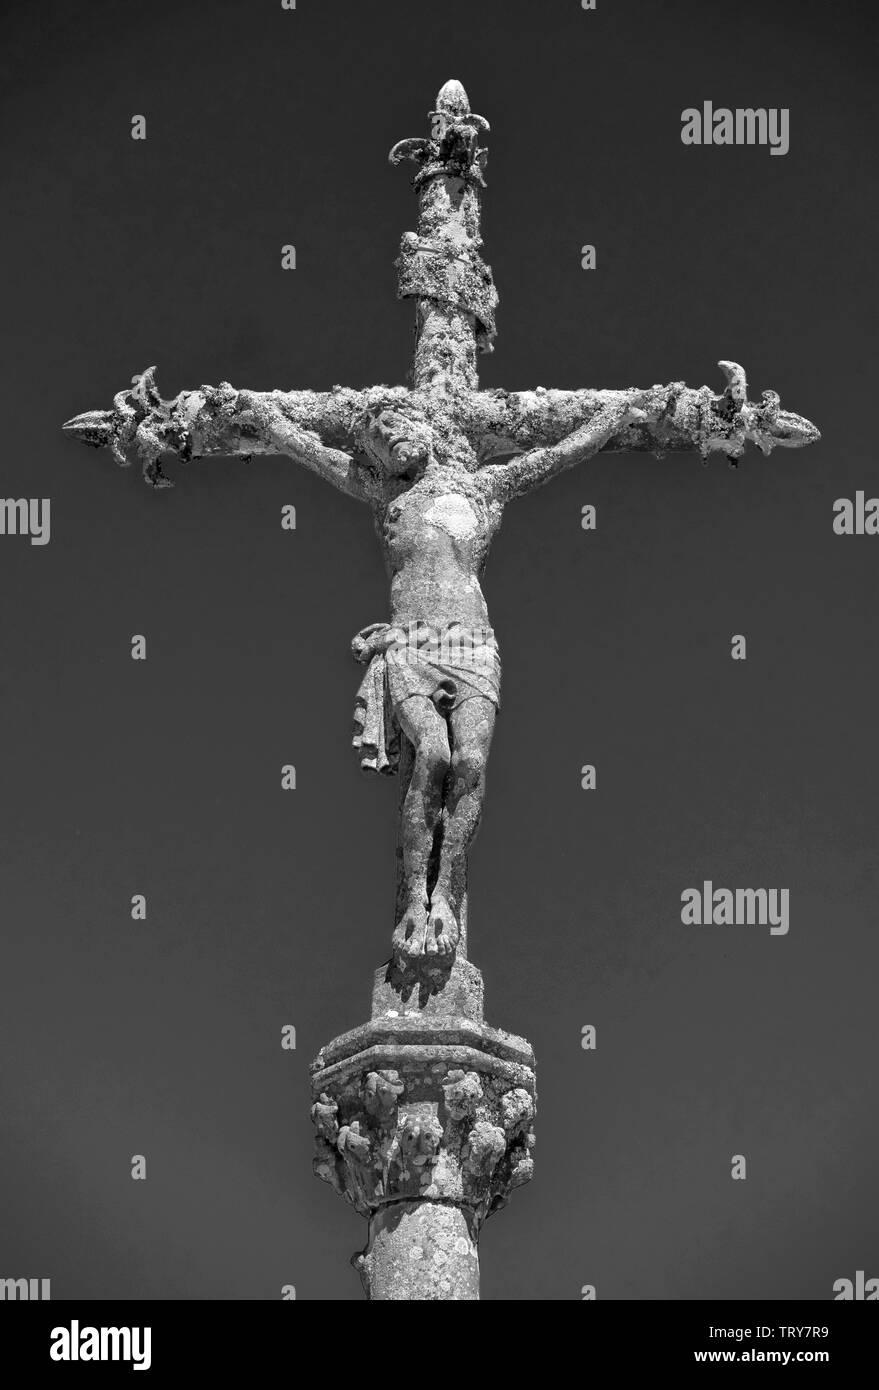 Imagen monocroma de una estatua de Cristo en la cruz en el cementerio de La Feuillée, Bretaña, Francia. Foto de stock